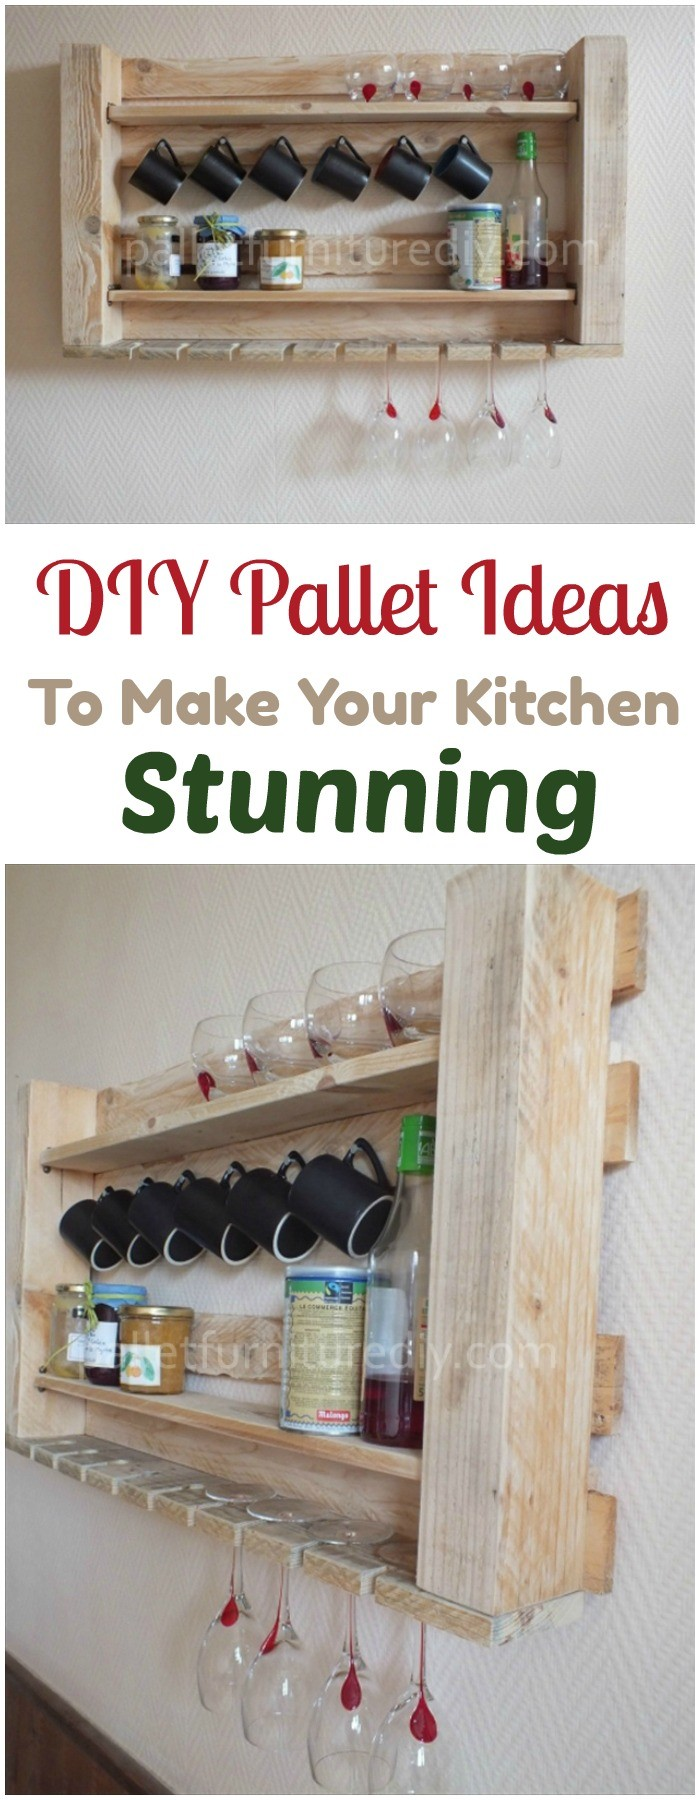 DIY Pallet Ideas To Make Your Kitchen Stunning DIY Pallet Kitchen Shelves for Storage